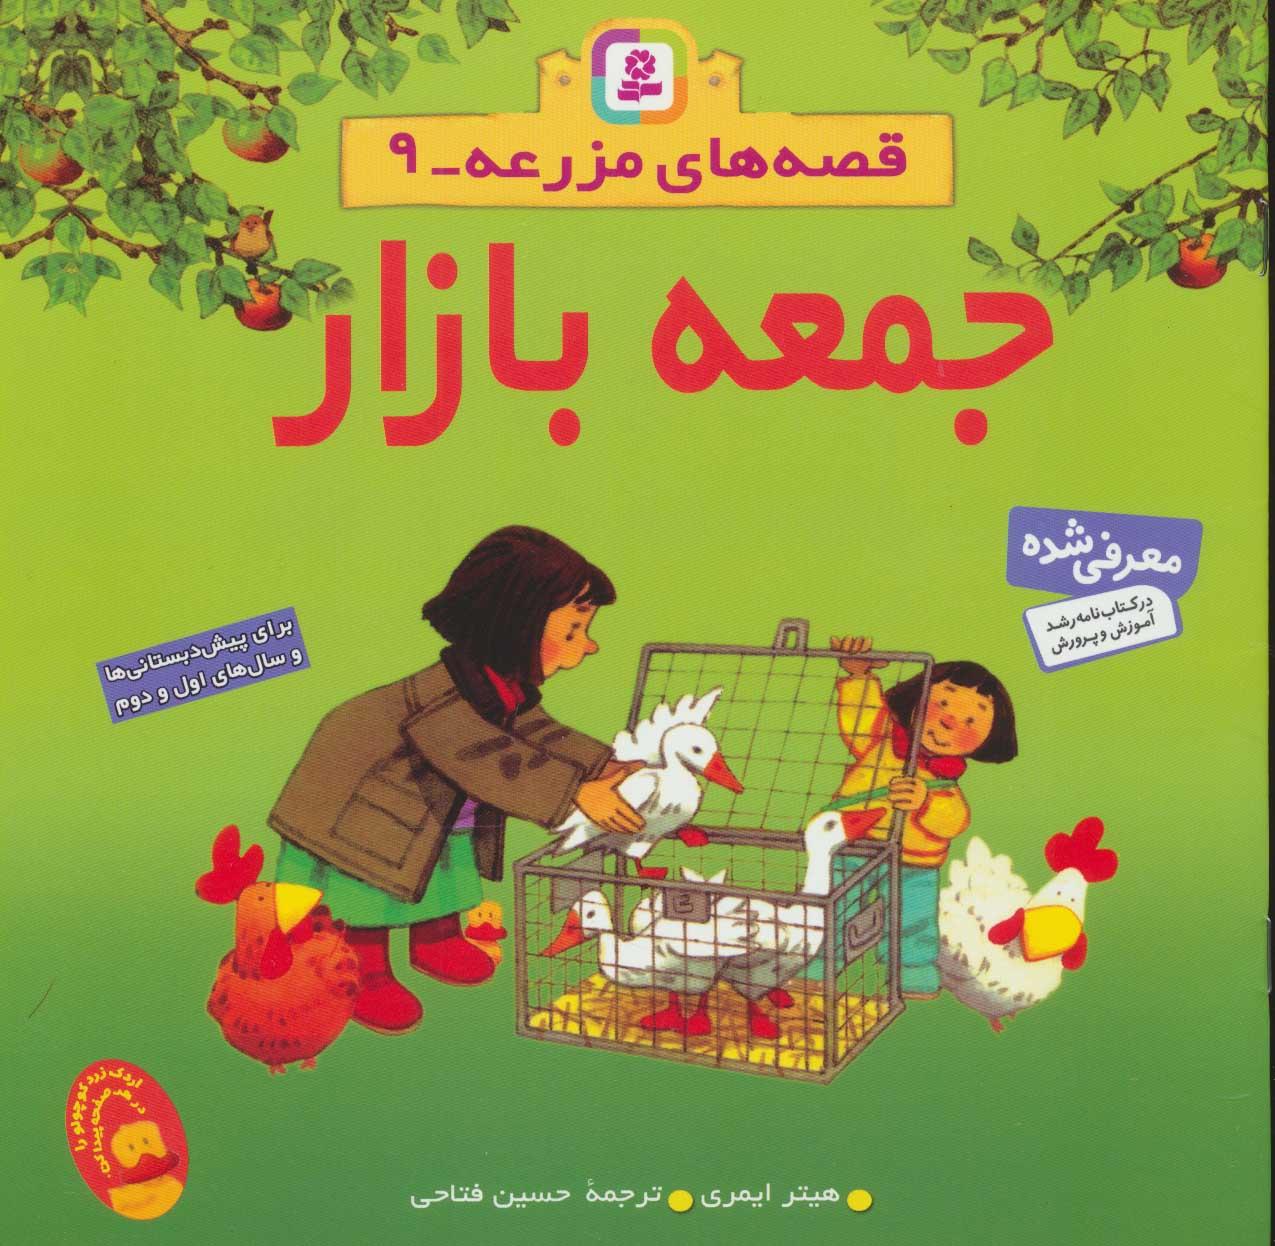 قصه های مزرعه 9 (جمعه بازار)،(گلاسه)